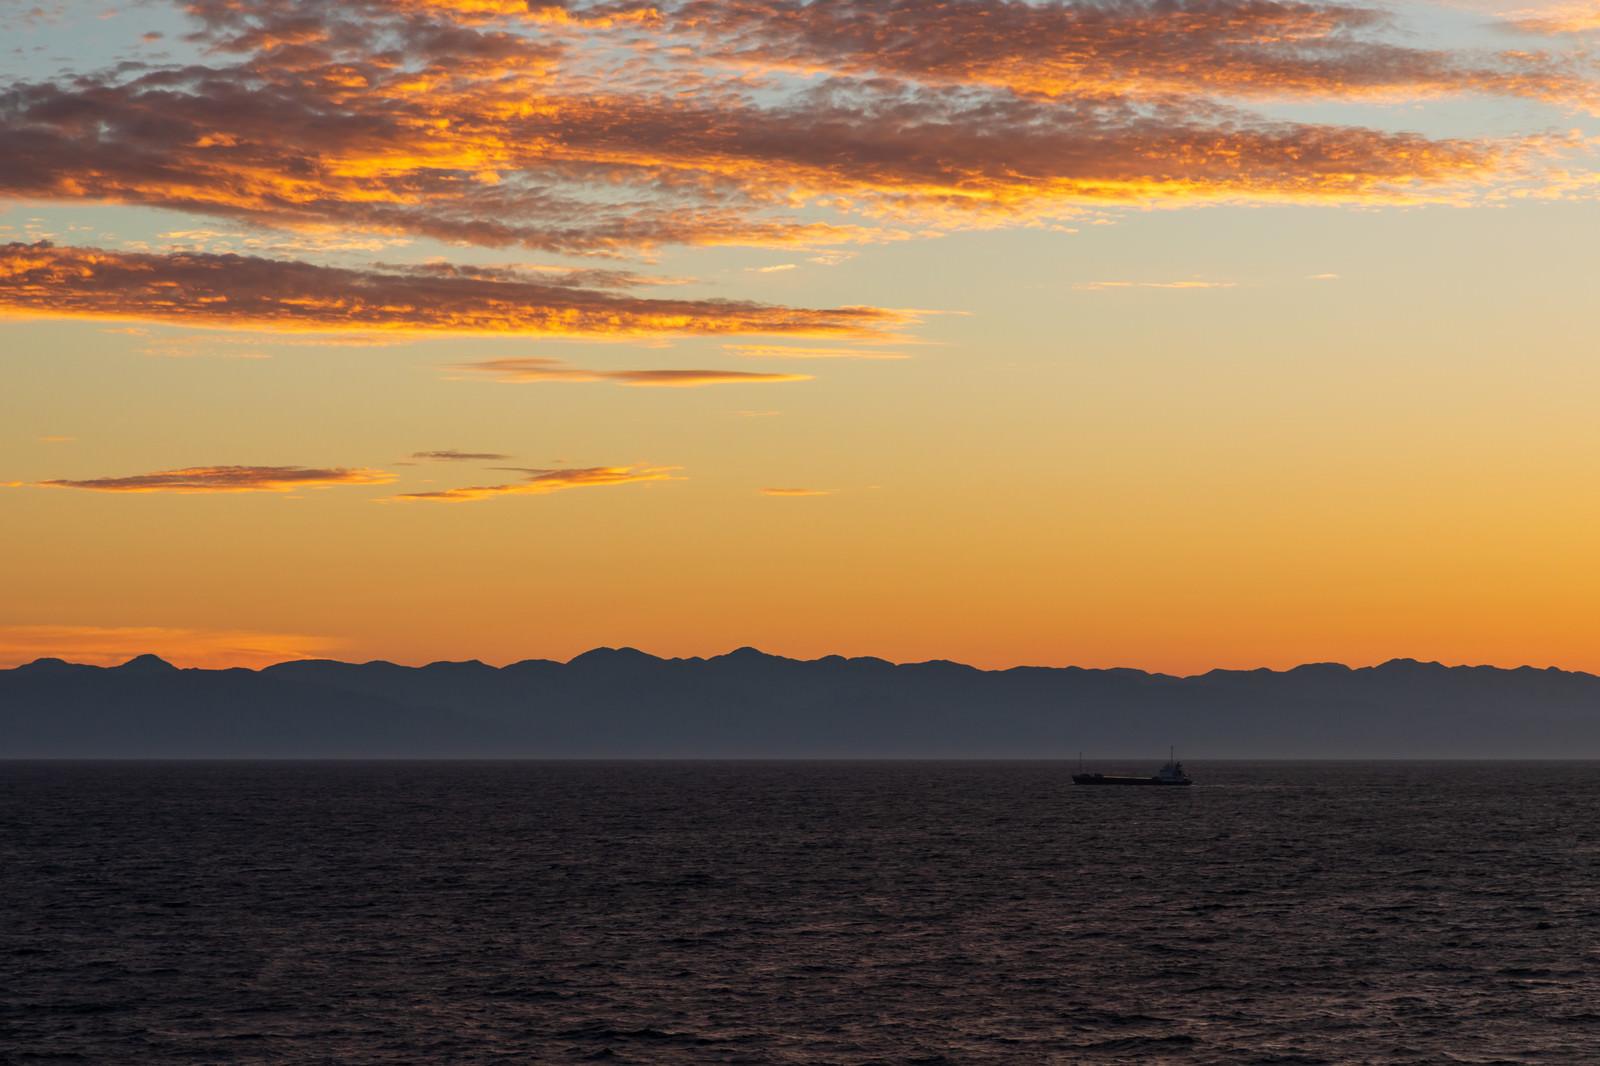 「夜明け前の日本海と船」の写真